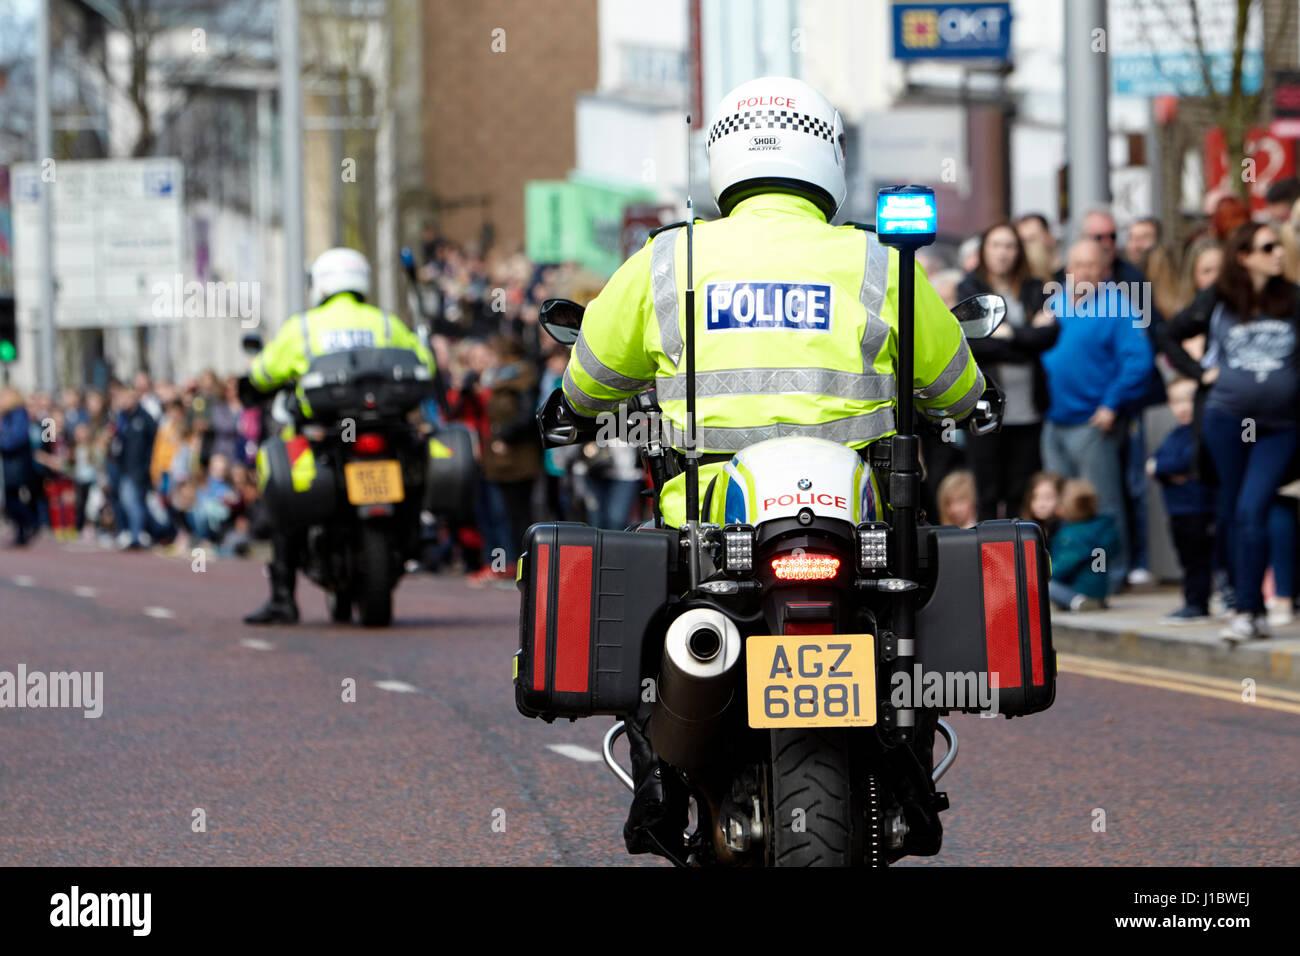 Agent de police psni police routière sur moto bmw au cours d'un défilé en Irlande du Nord Photo Stock